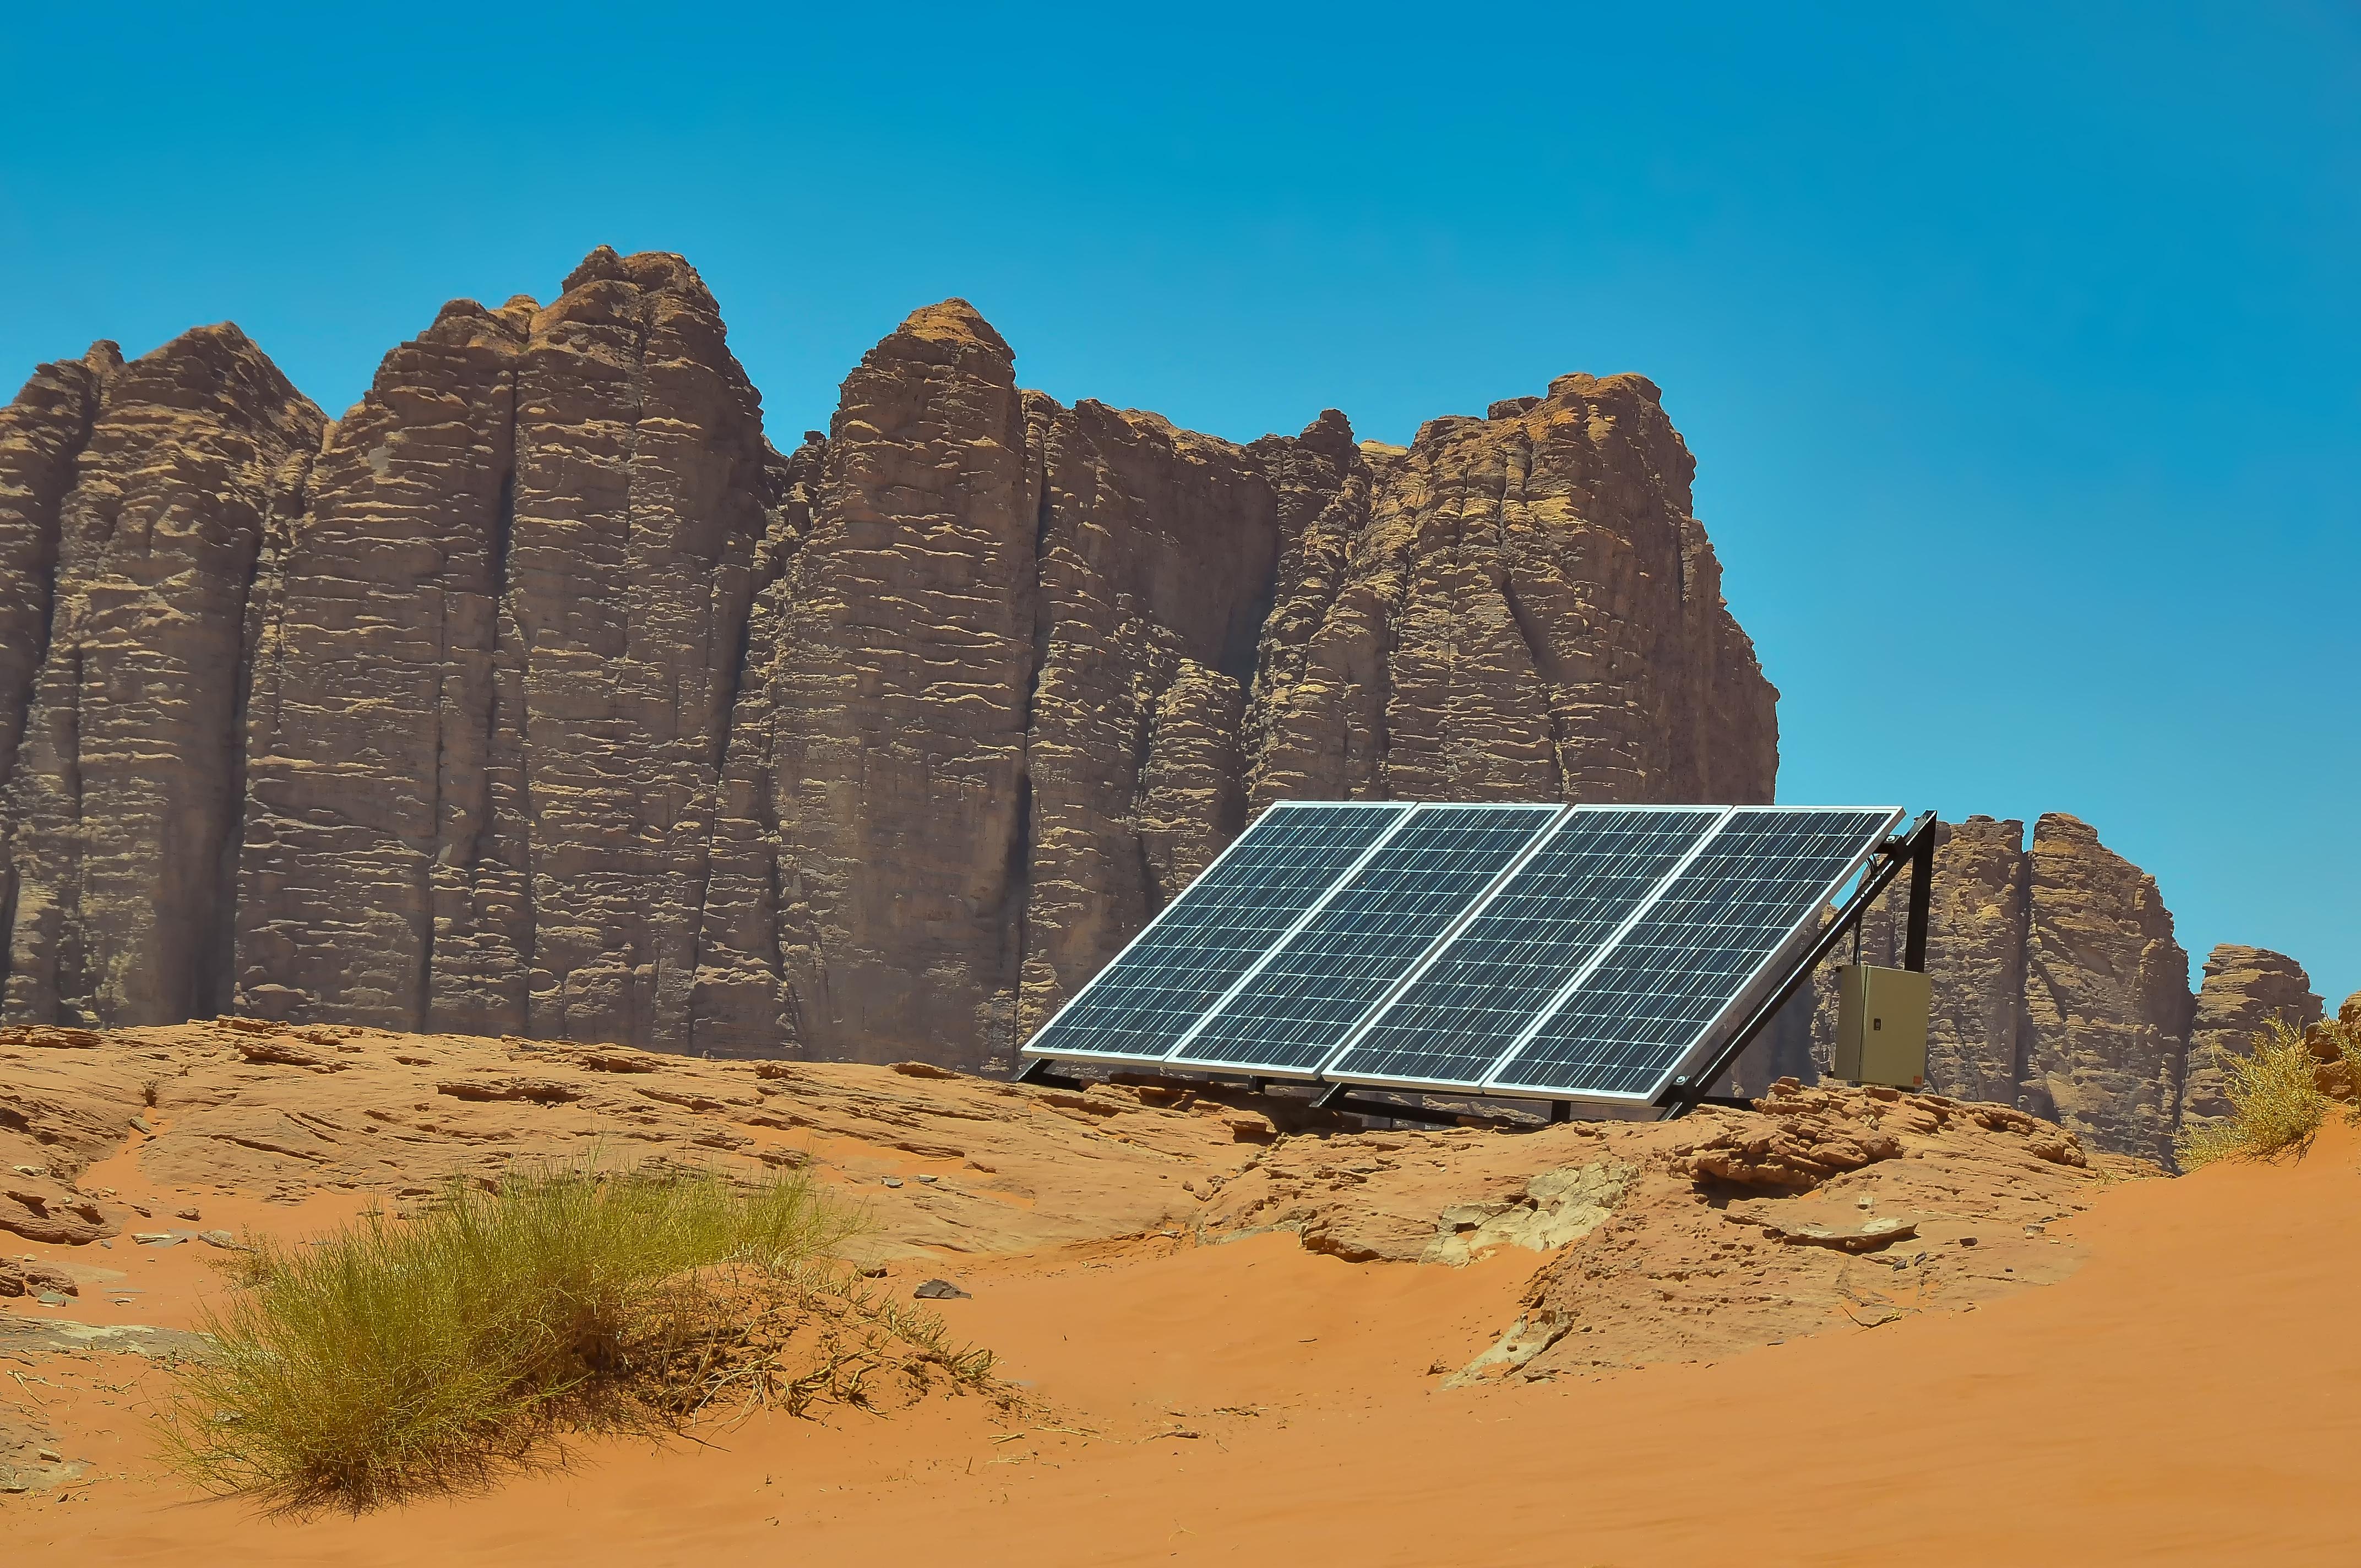 Bedouin solar panels